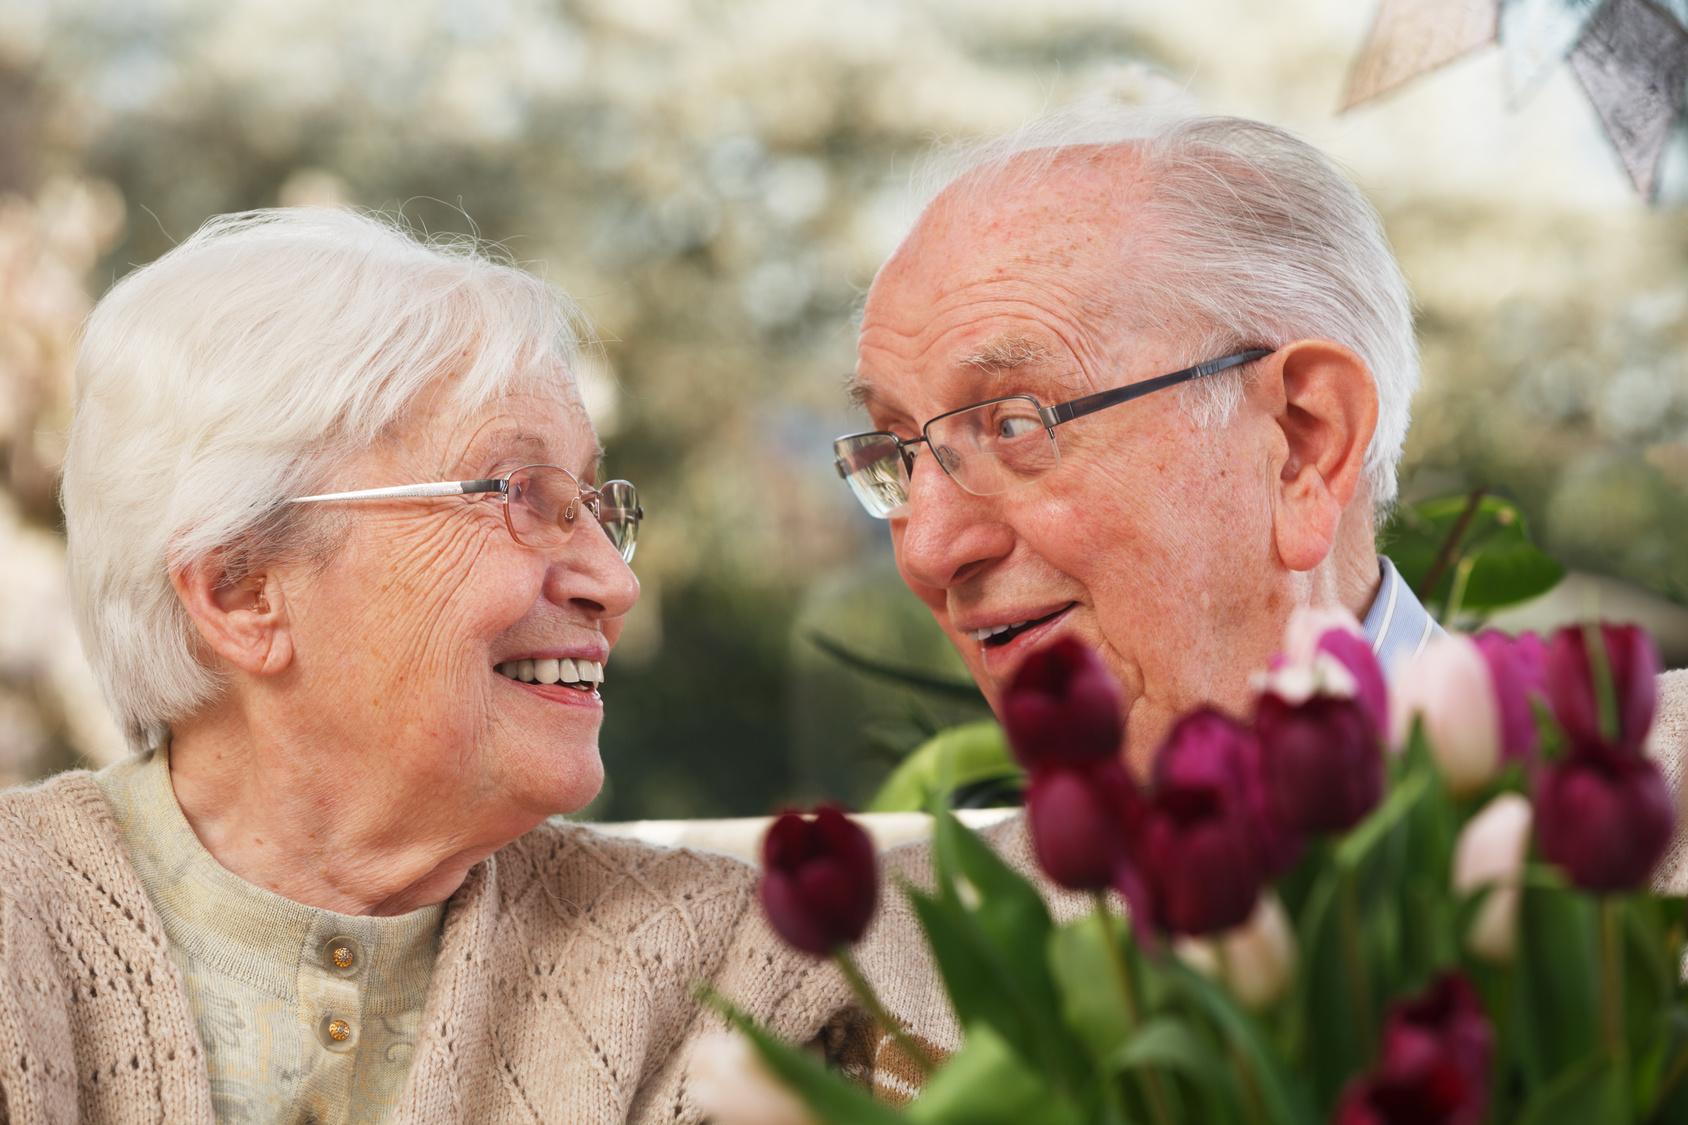 Kwiaty Na Dzien Babci Jakie Wybrac Na Prezent Blog 123kwiaty Pl